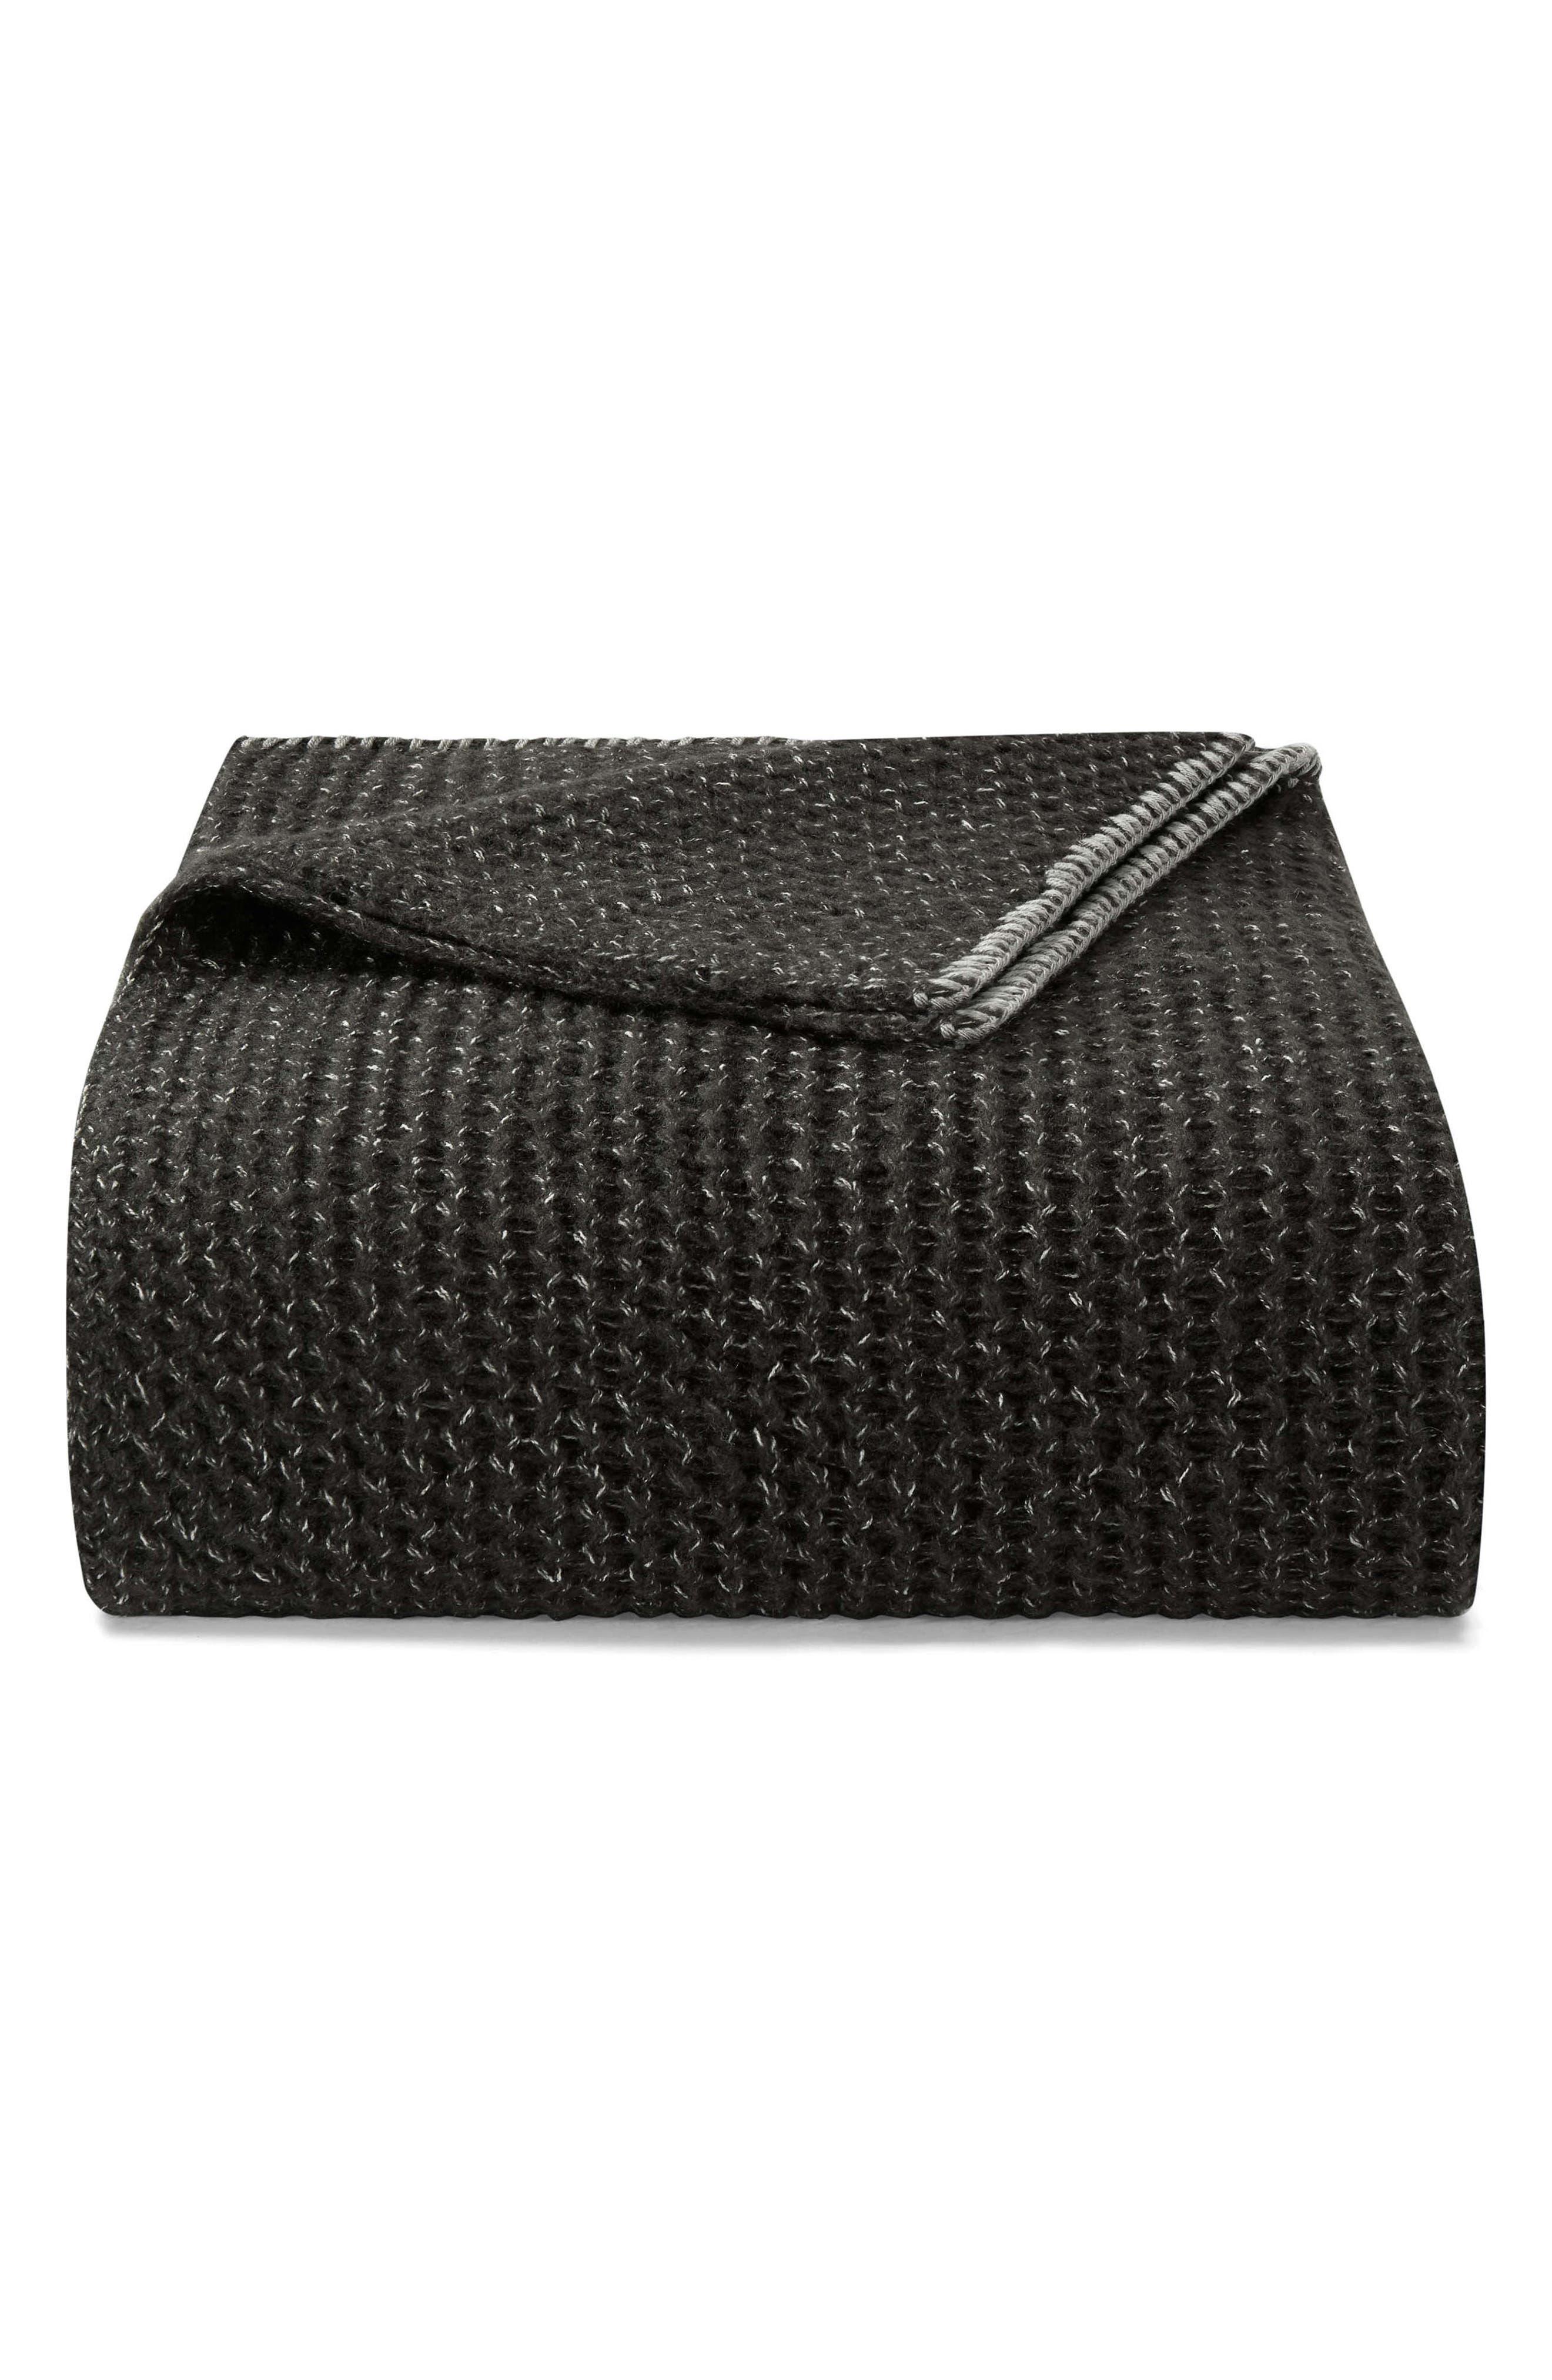 VERA WANG Marled Knit Throw Blanket, Main, color, SOOT